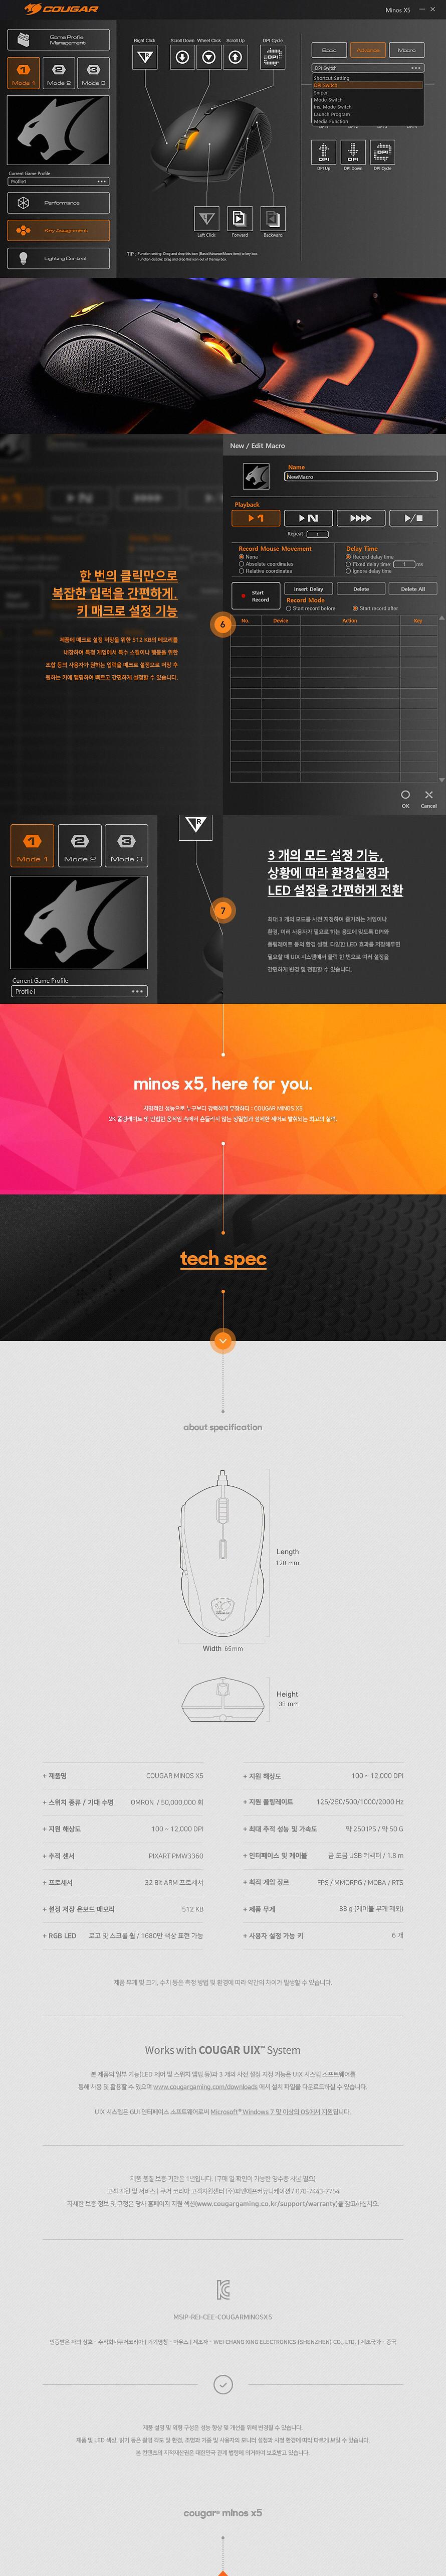 MINOS_X5_4_5136.jpg